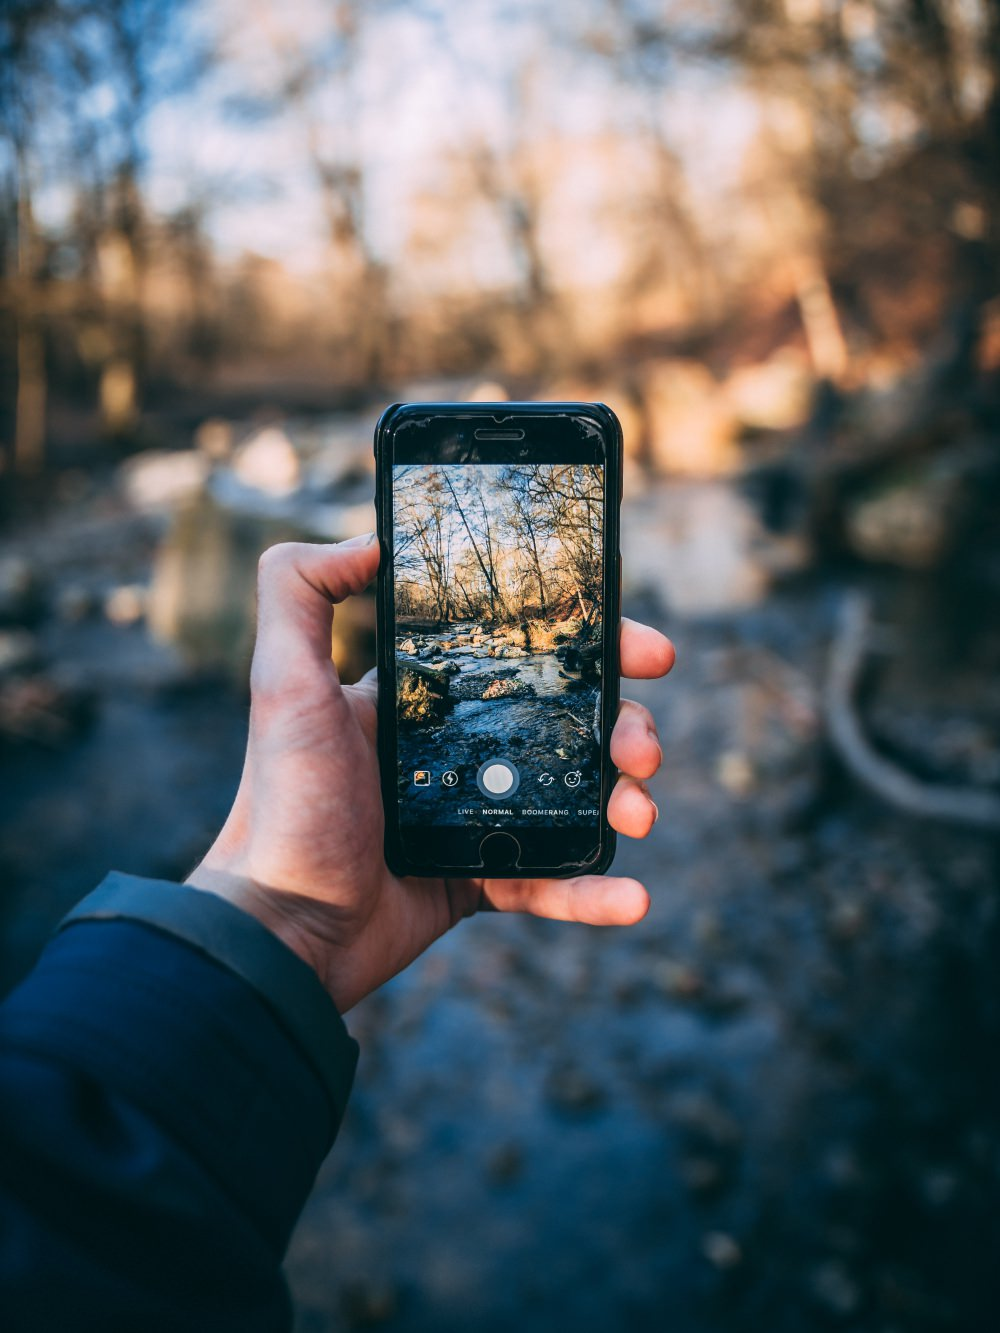 澳洲網路 黃金海岸、布里斯本上網推薦:wifi分享器、SIM卡,澳洲上網卡攻略